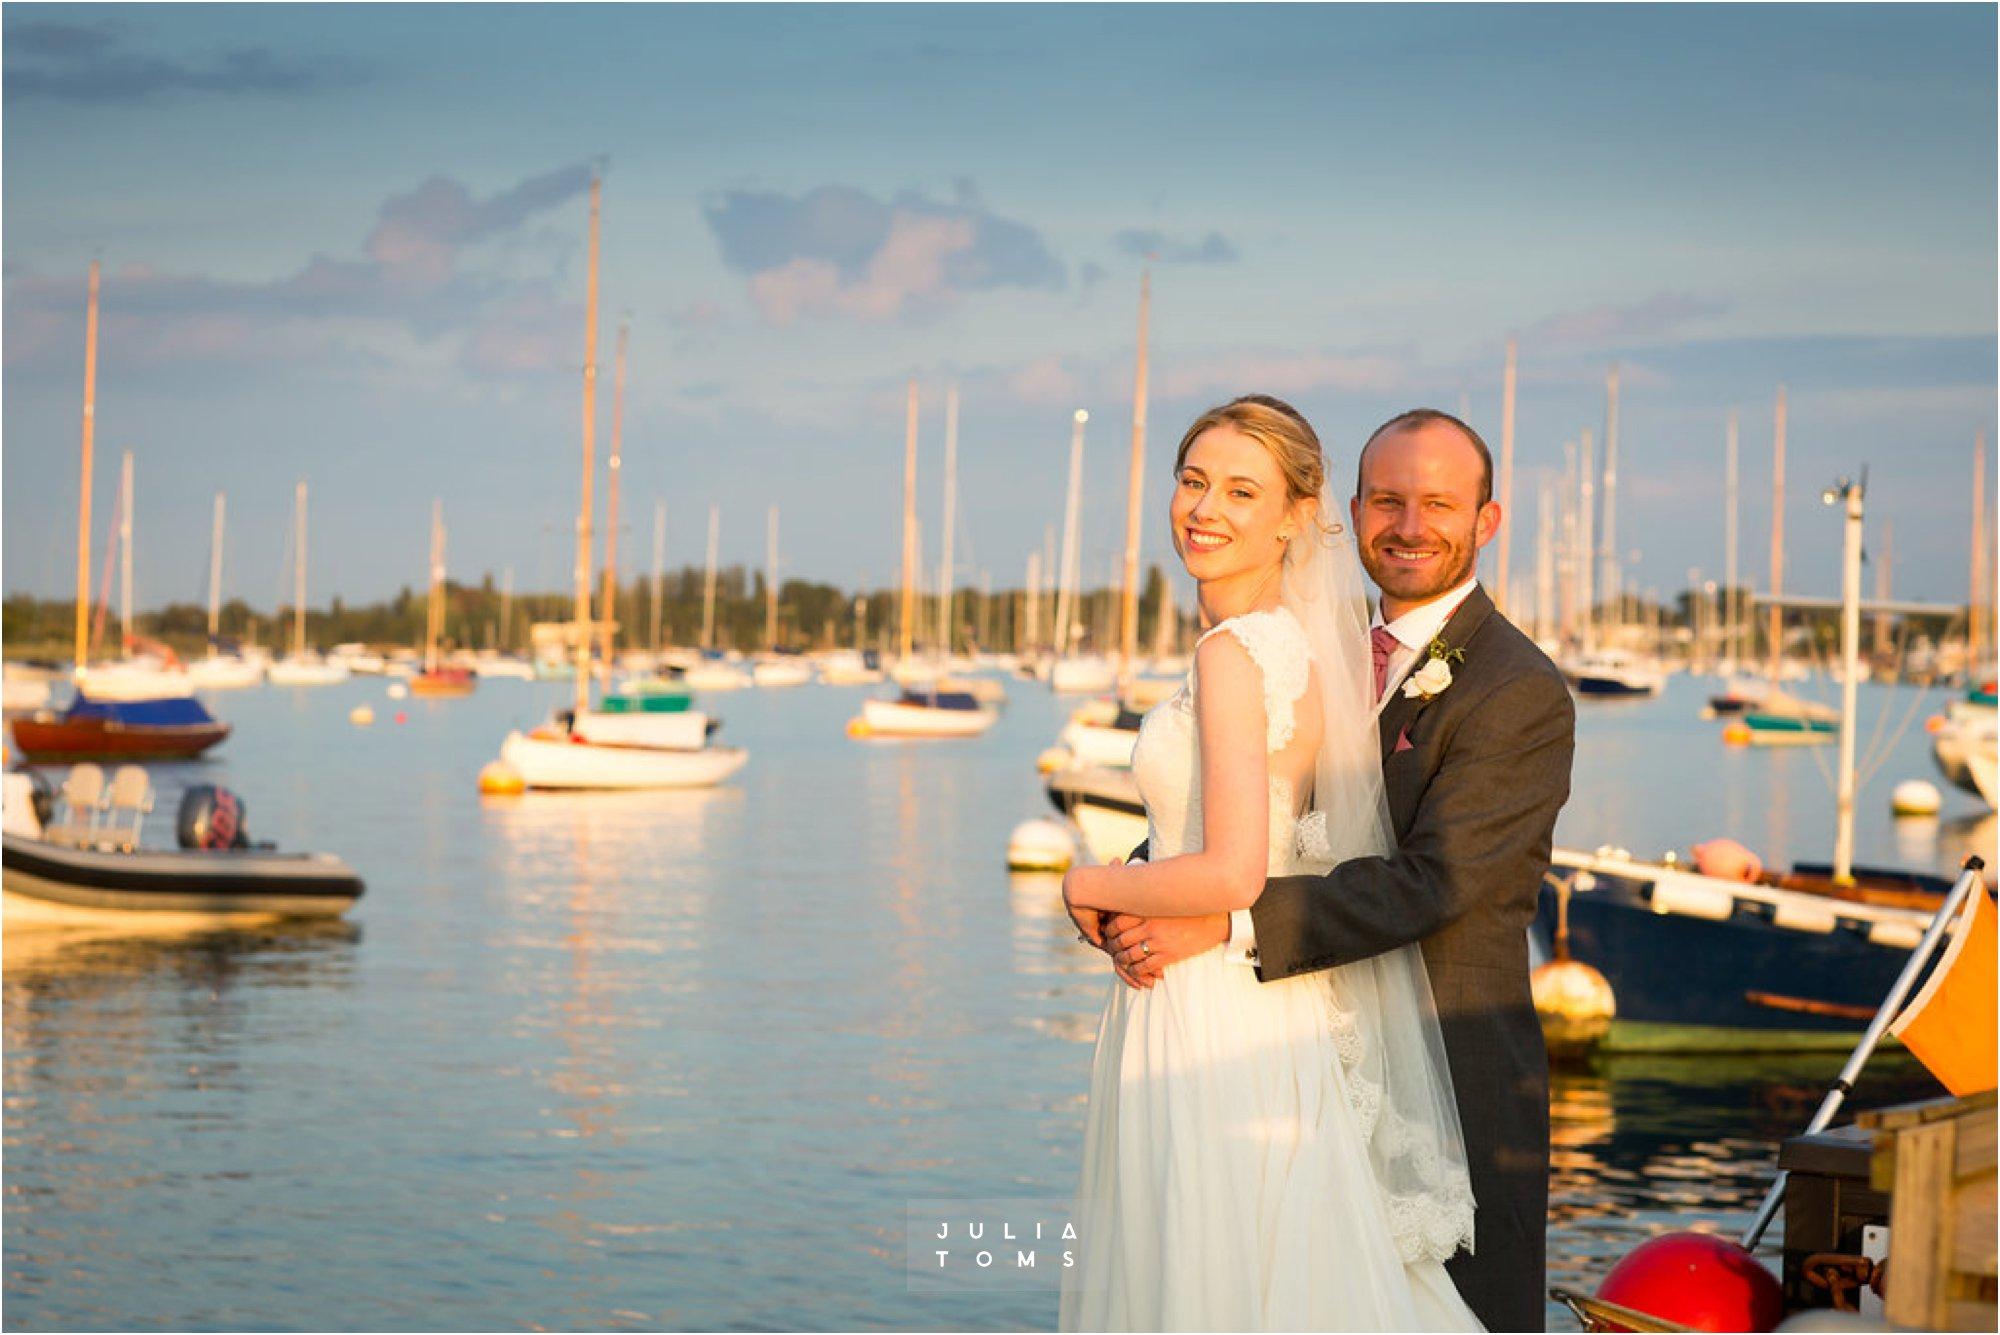 itchenor_wedding_chichester_photographer_050.jpg